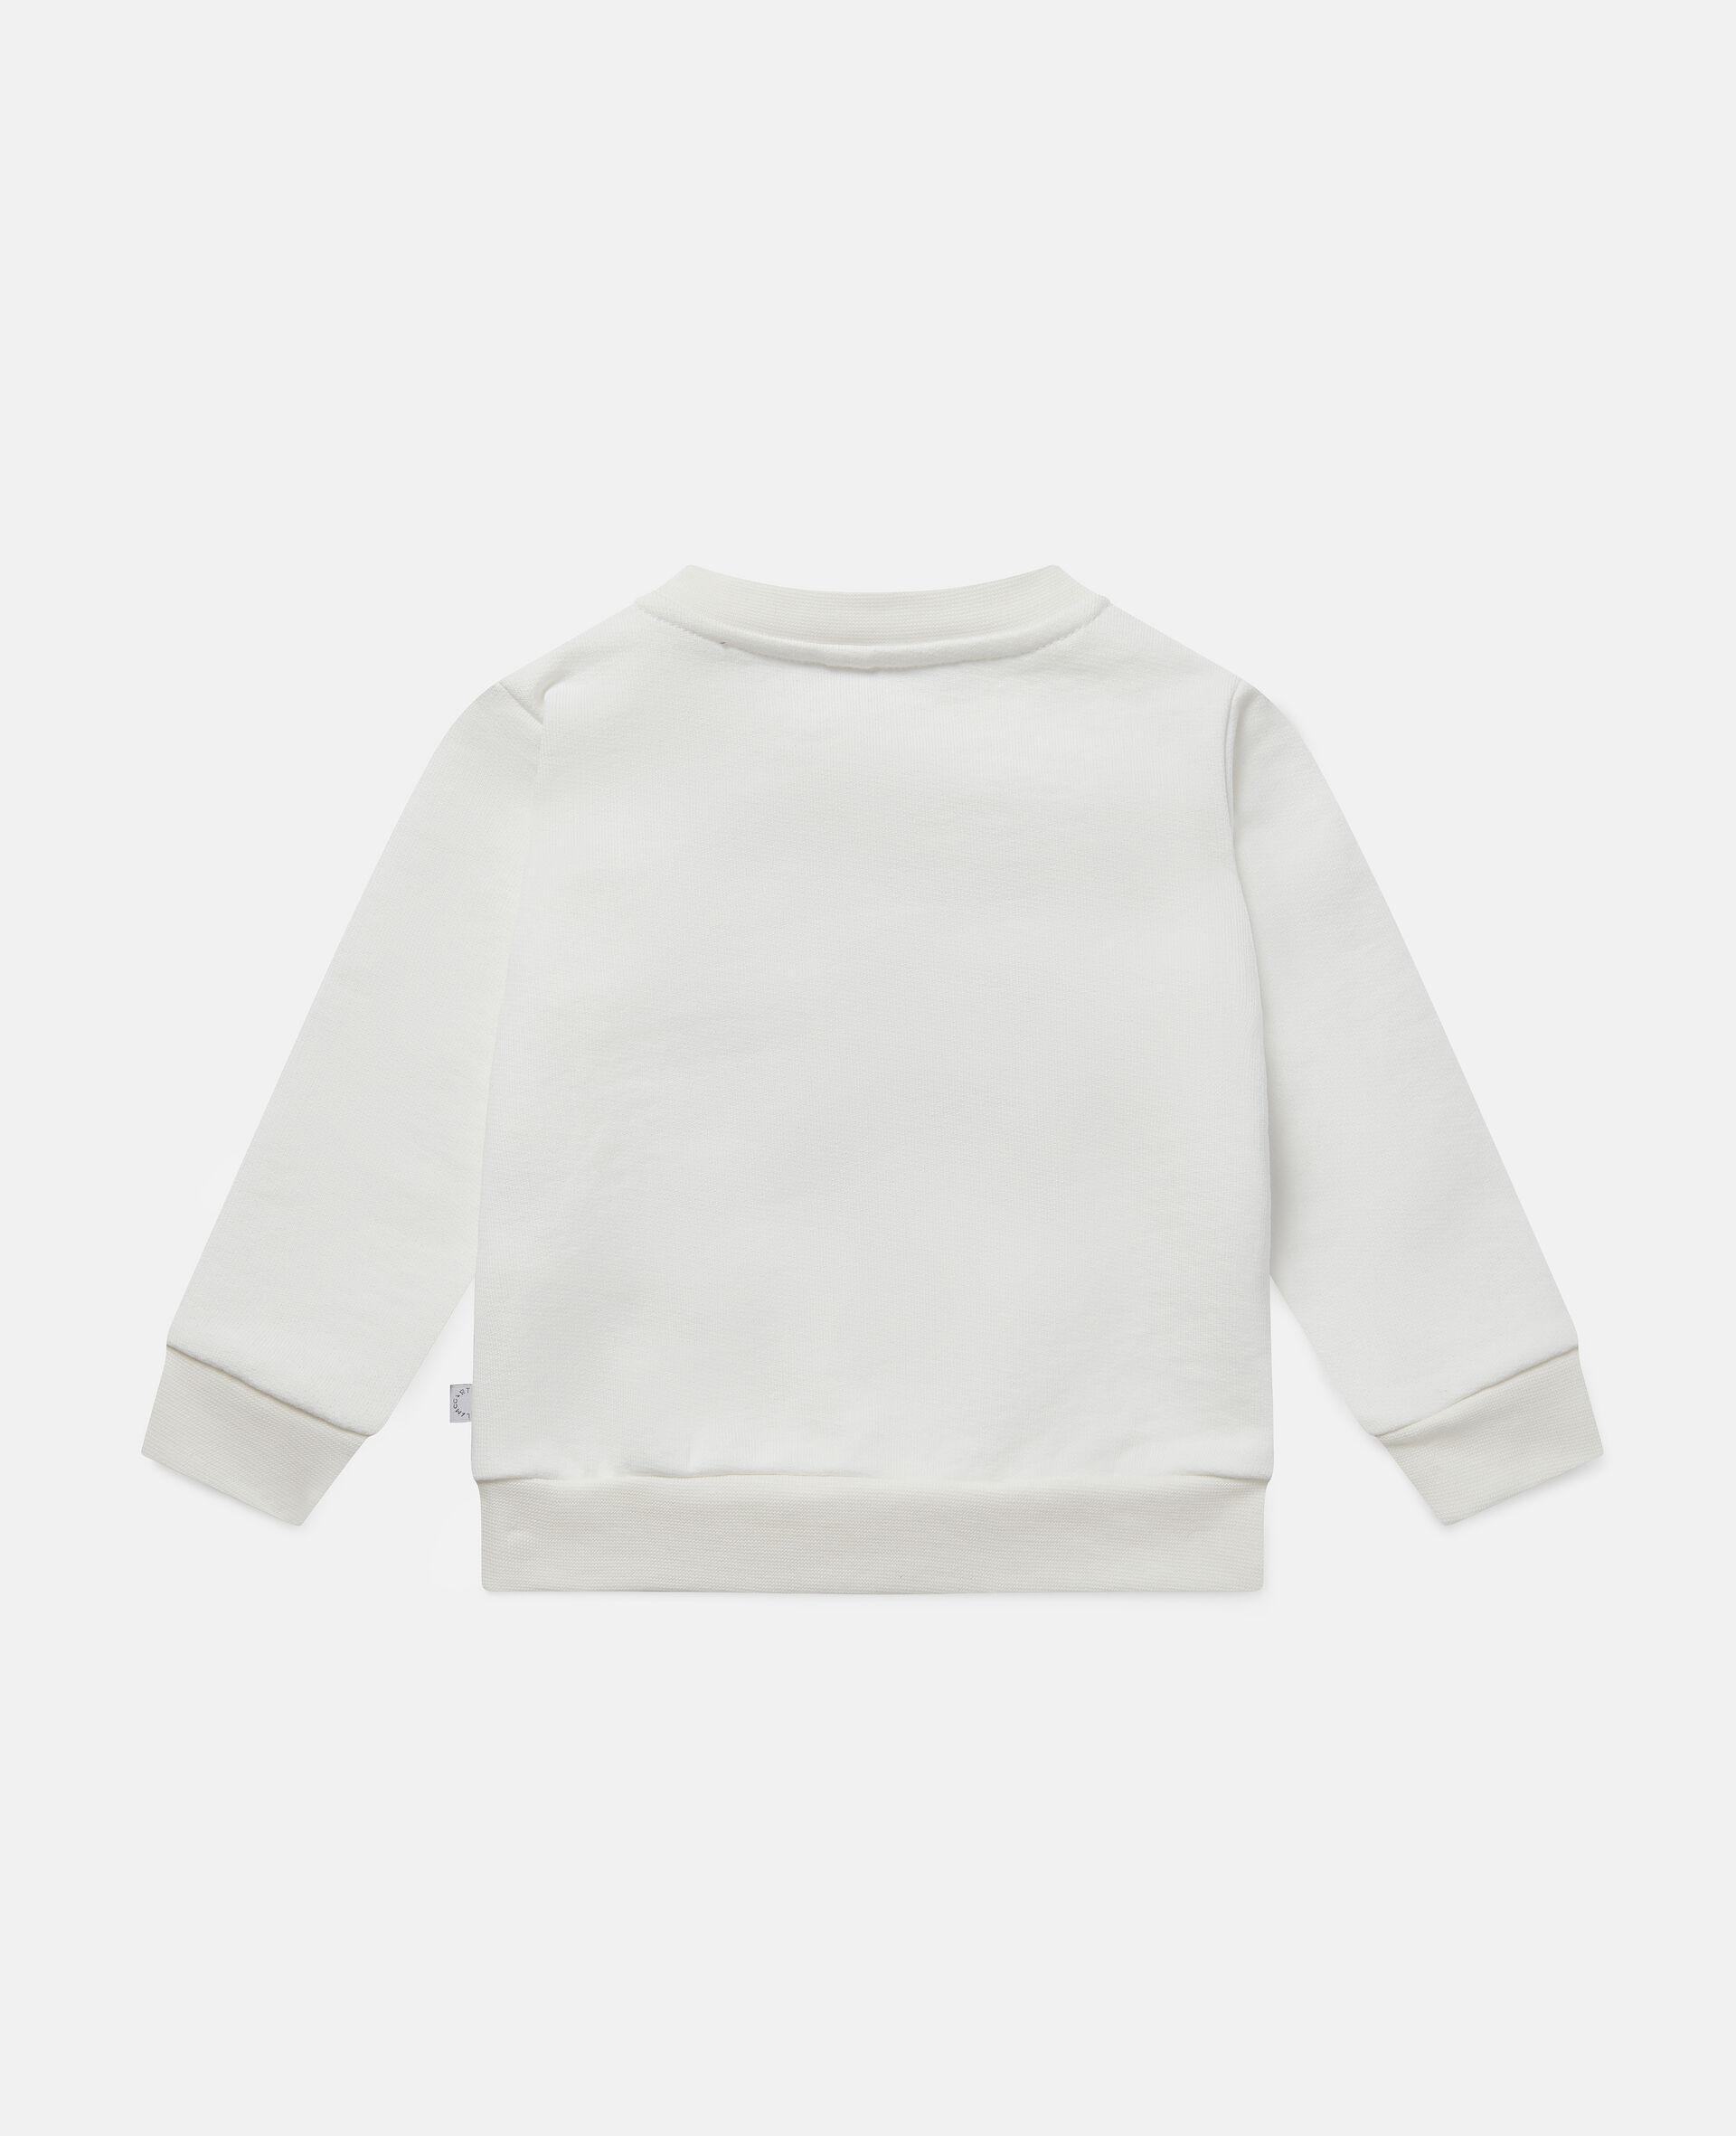 Baumwollfleece-Sweatshirt mit Gänseblümchenherz-Motiv -Weiß-large image number 3